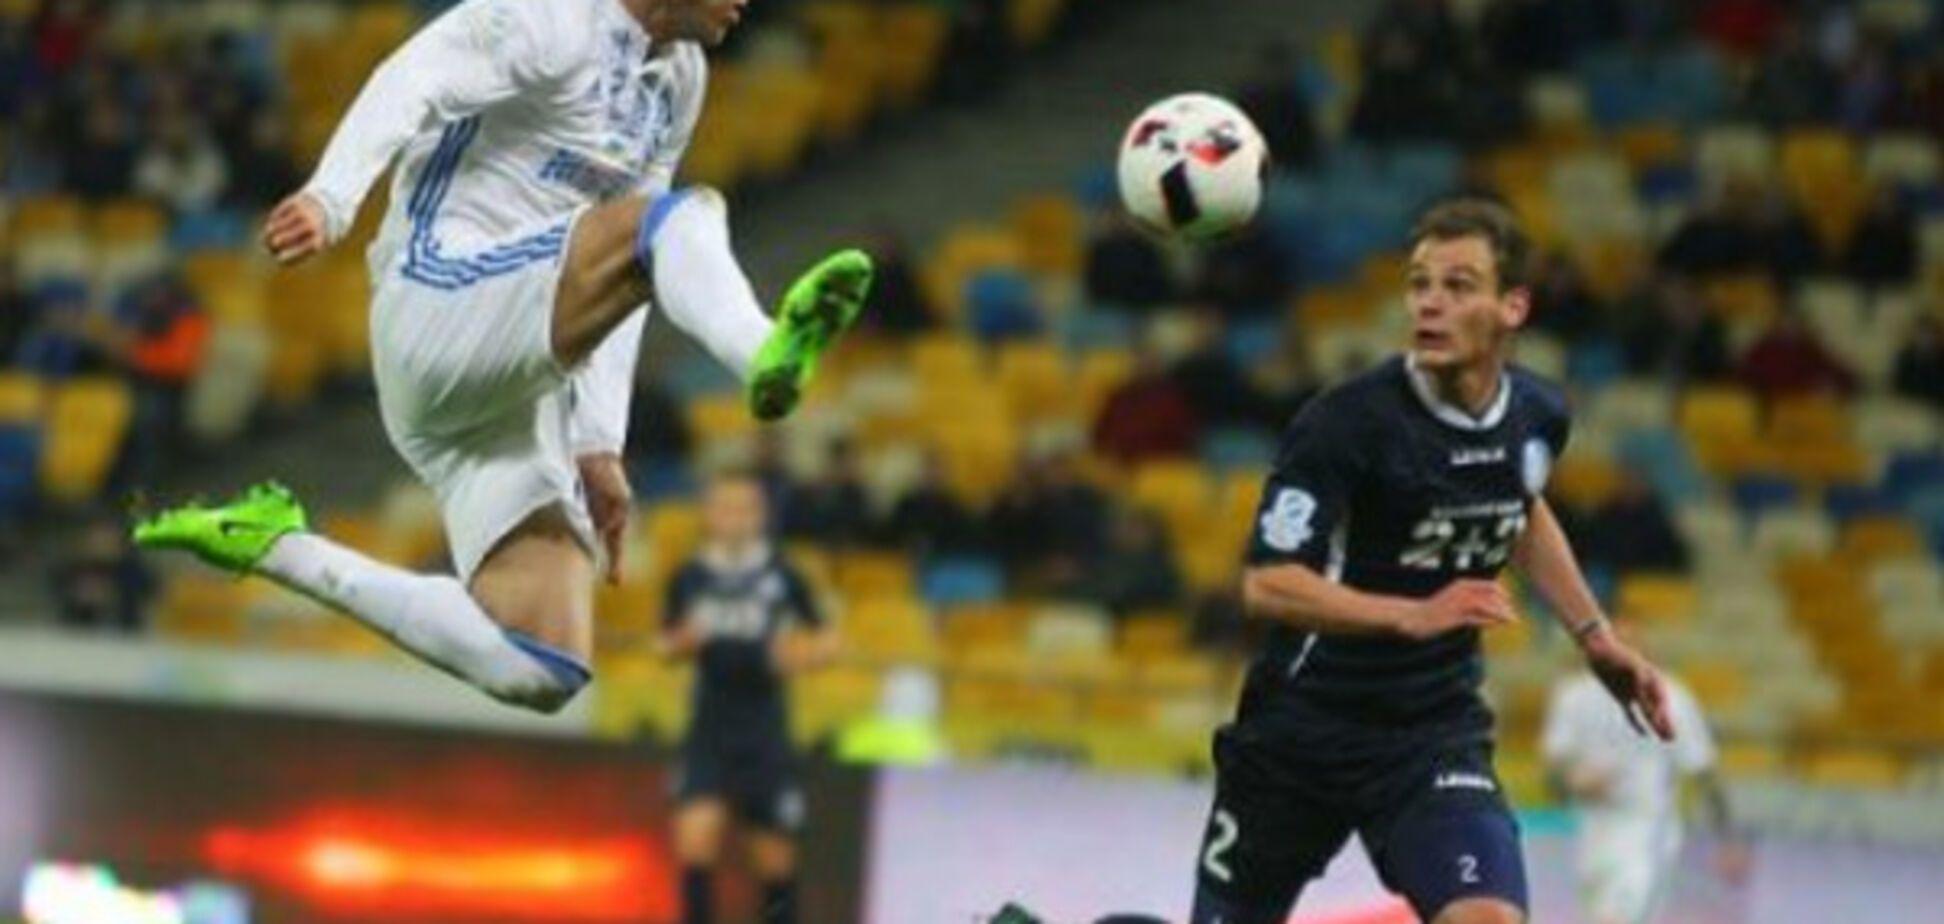 Ярмоленко побил исторический рекорд чемпионата Украины